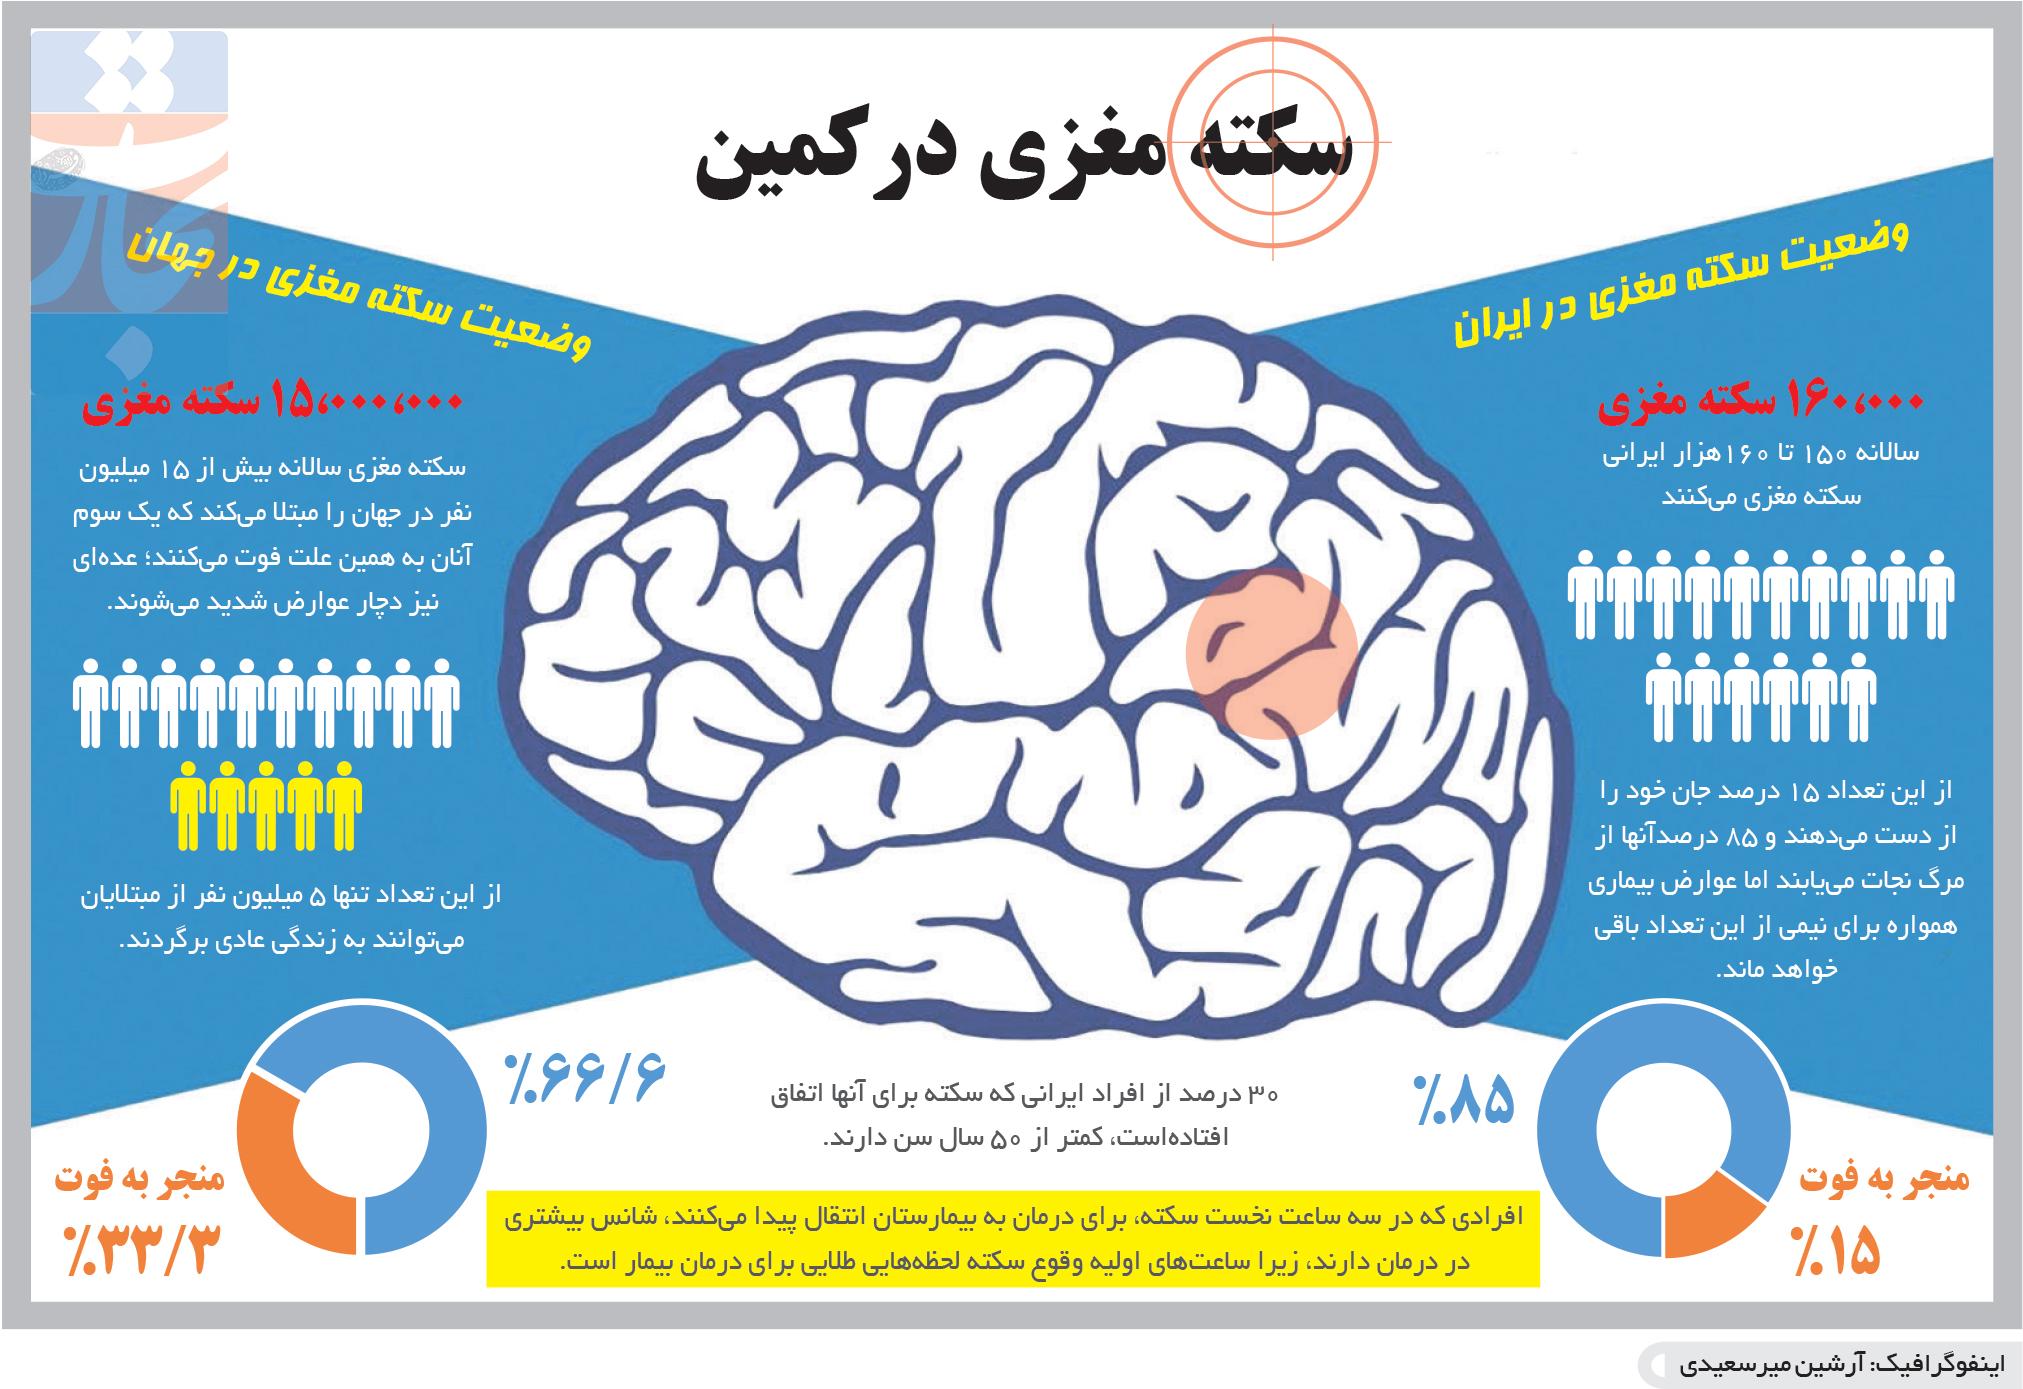 تجارت- فردا- سکته مغزی درکمین(اینفوگرافیک)